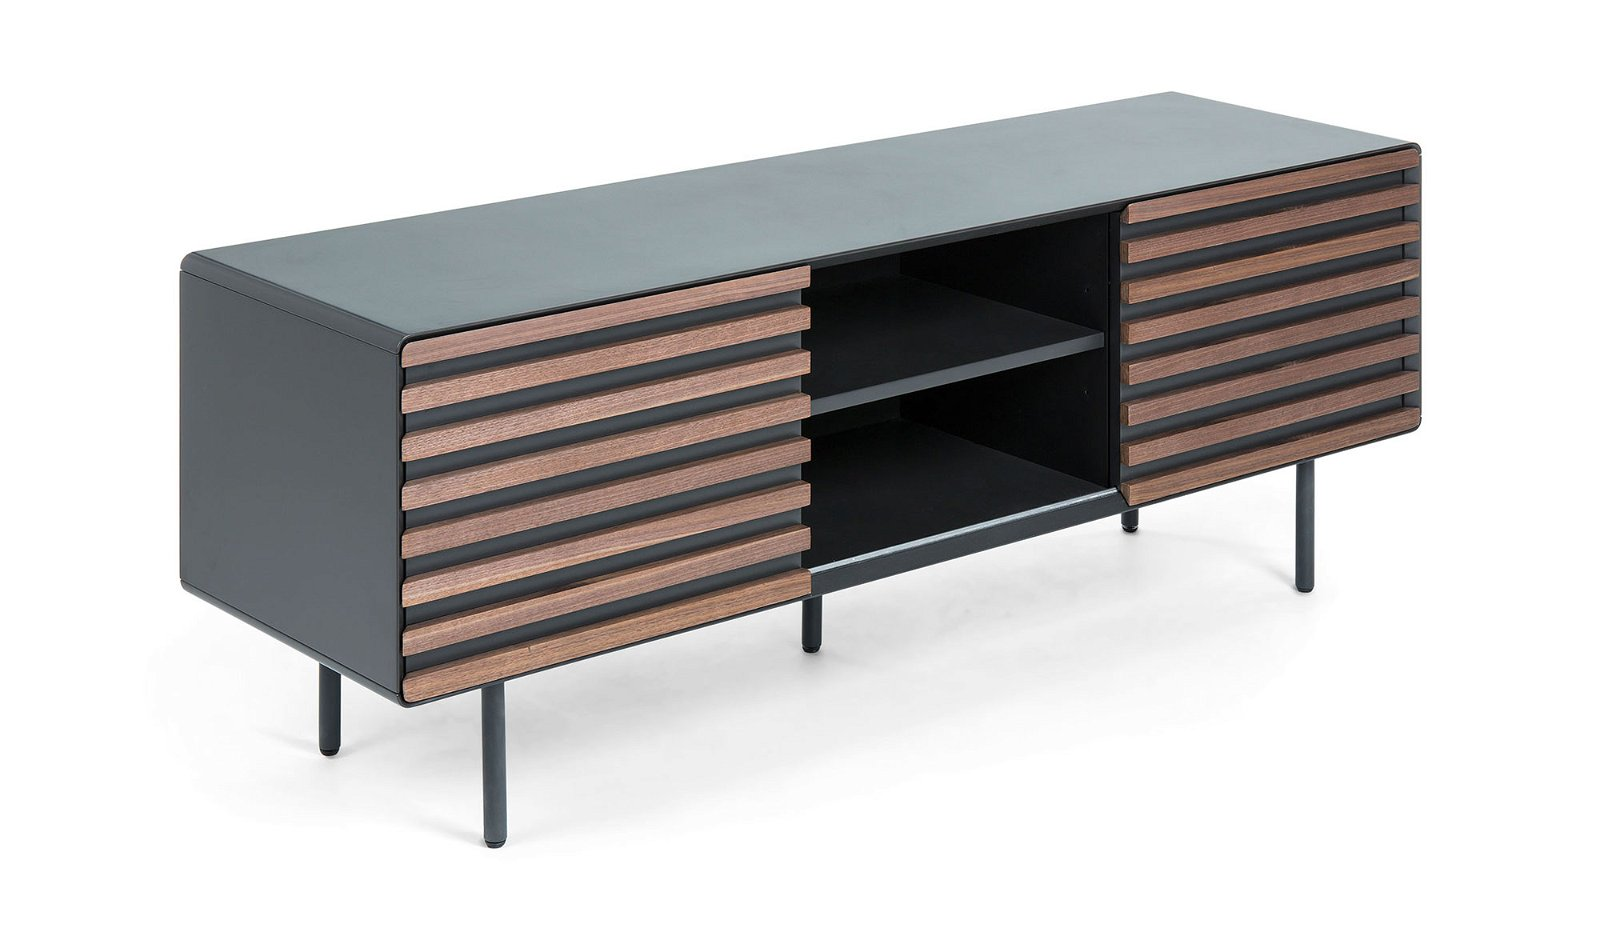 Mueble tv grafito vintage Kesia